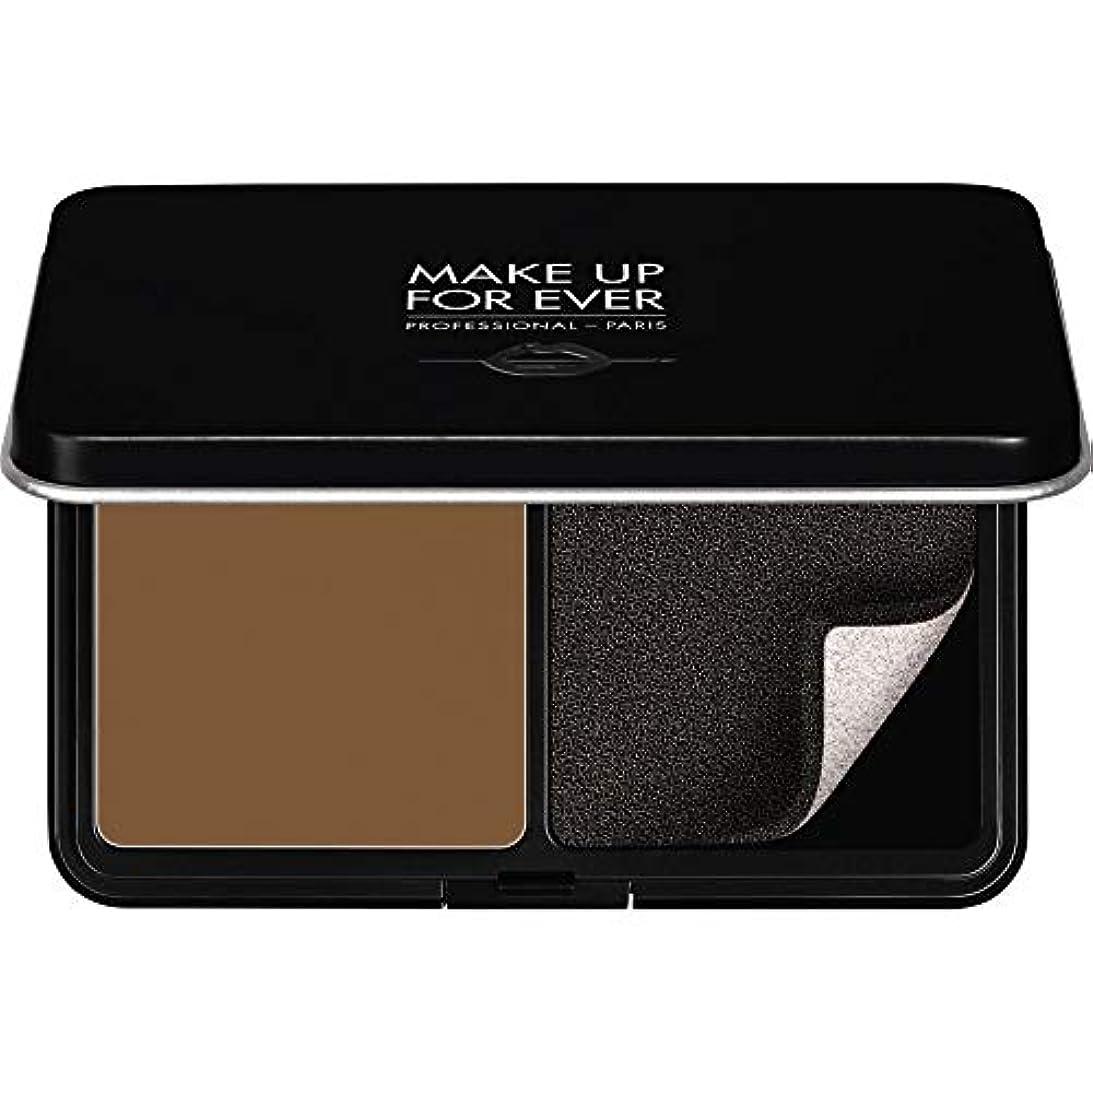 会う格差きれいに[MAKE UP FOR EVER] パウダーファンデーション11GののR540をぼかし、これまでマットベルベットの肌を補う - ダークブラウン - MAKE UP FOR EVER Matte Velvet Skin...